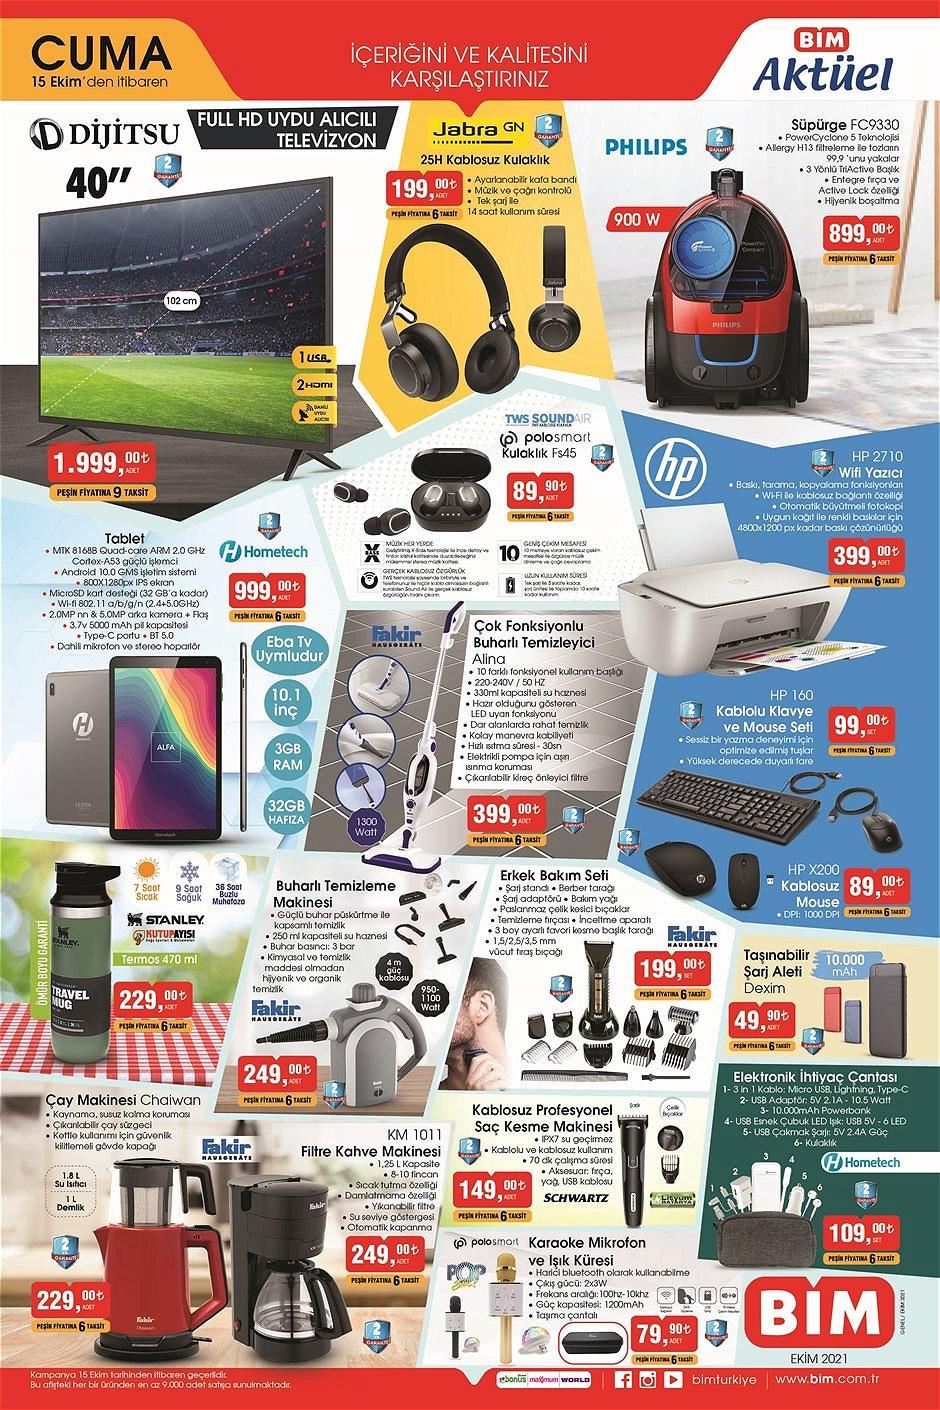 15.10.2021 Bim broşürü 1. sayfa